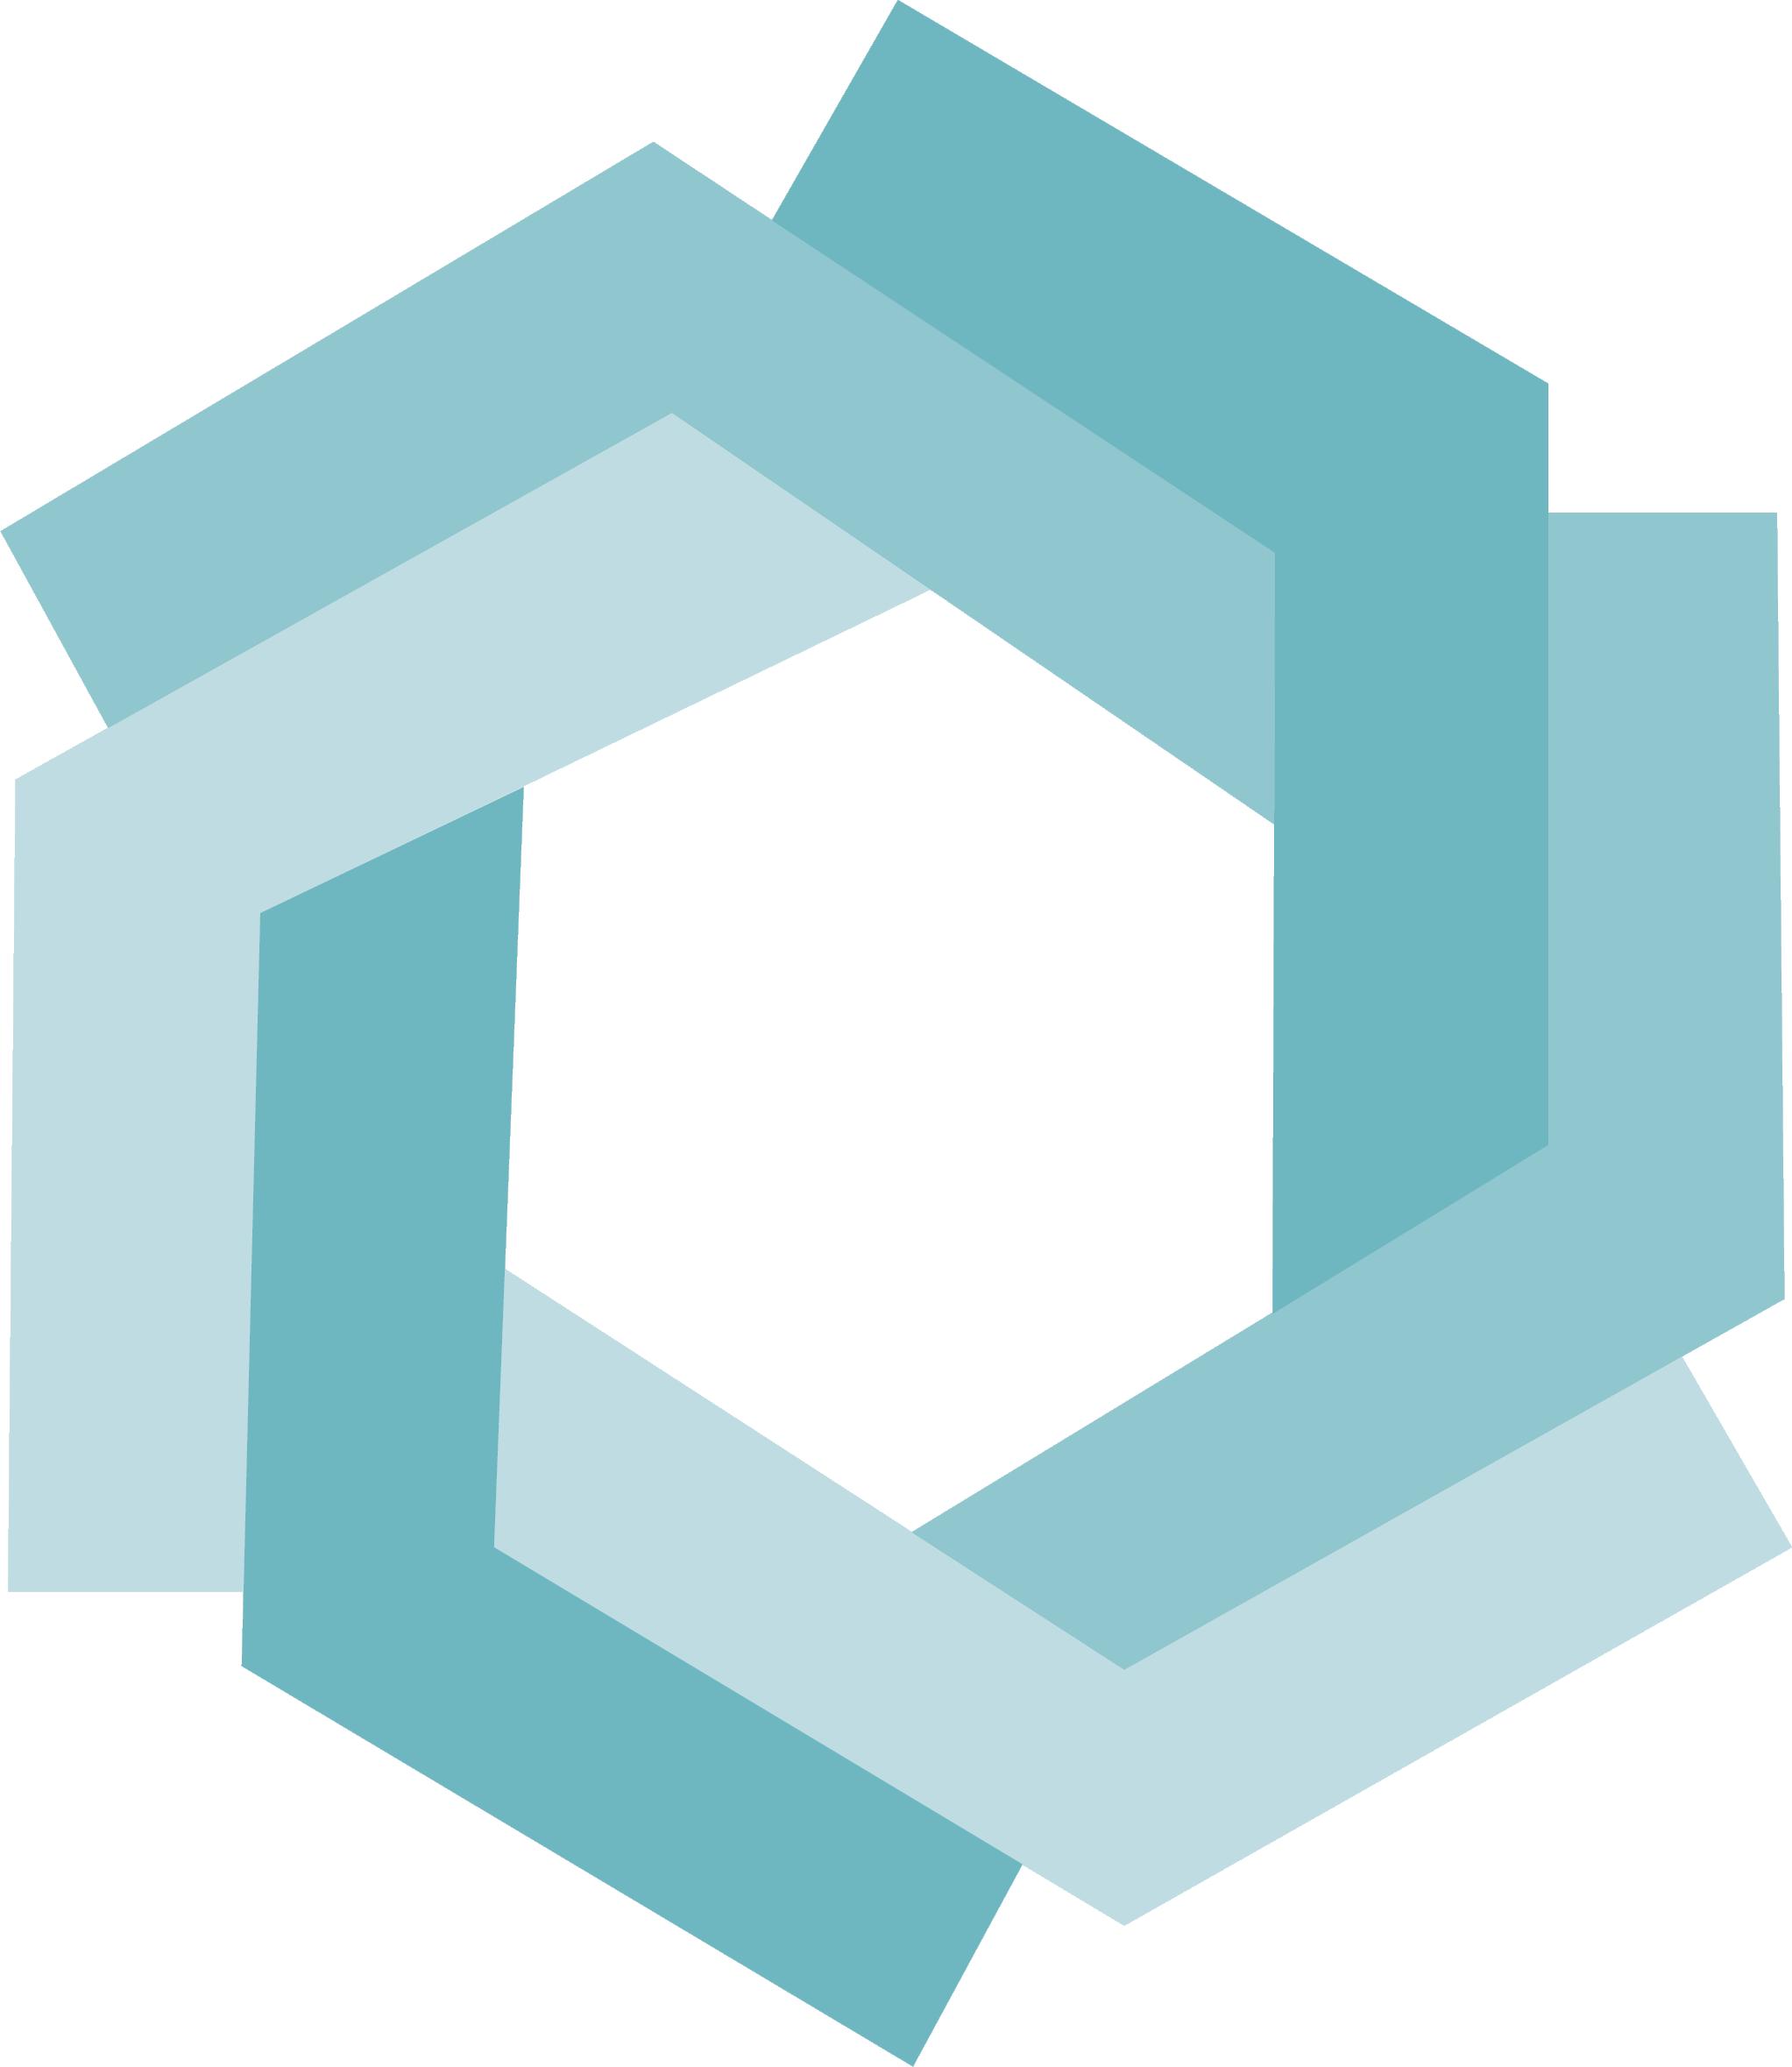 Logo SiteLucent Color - no text